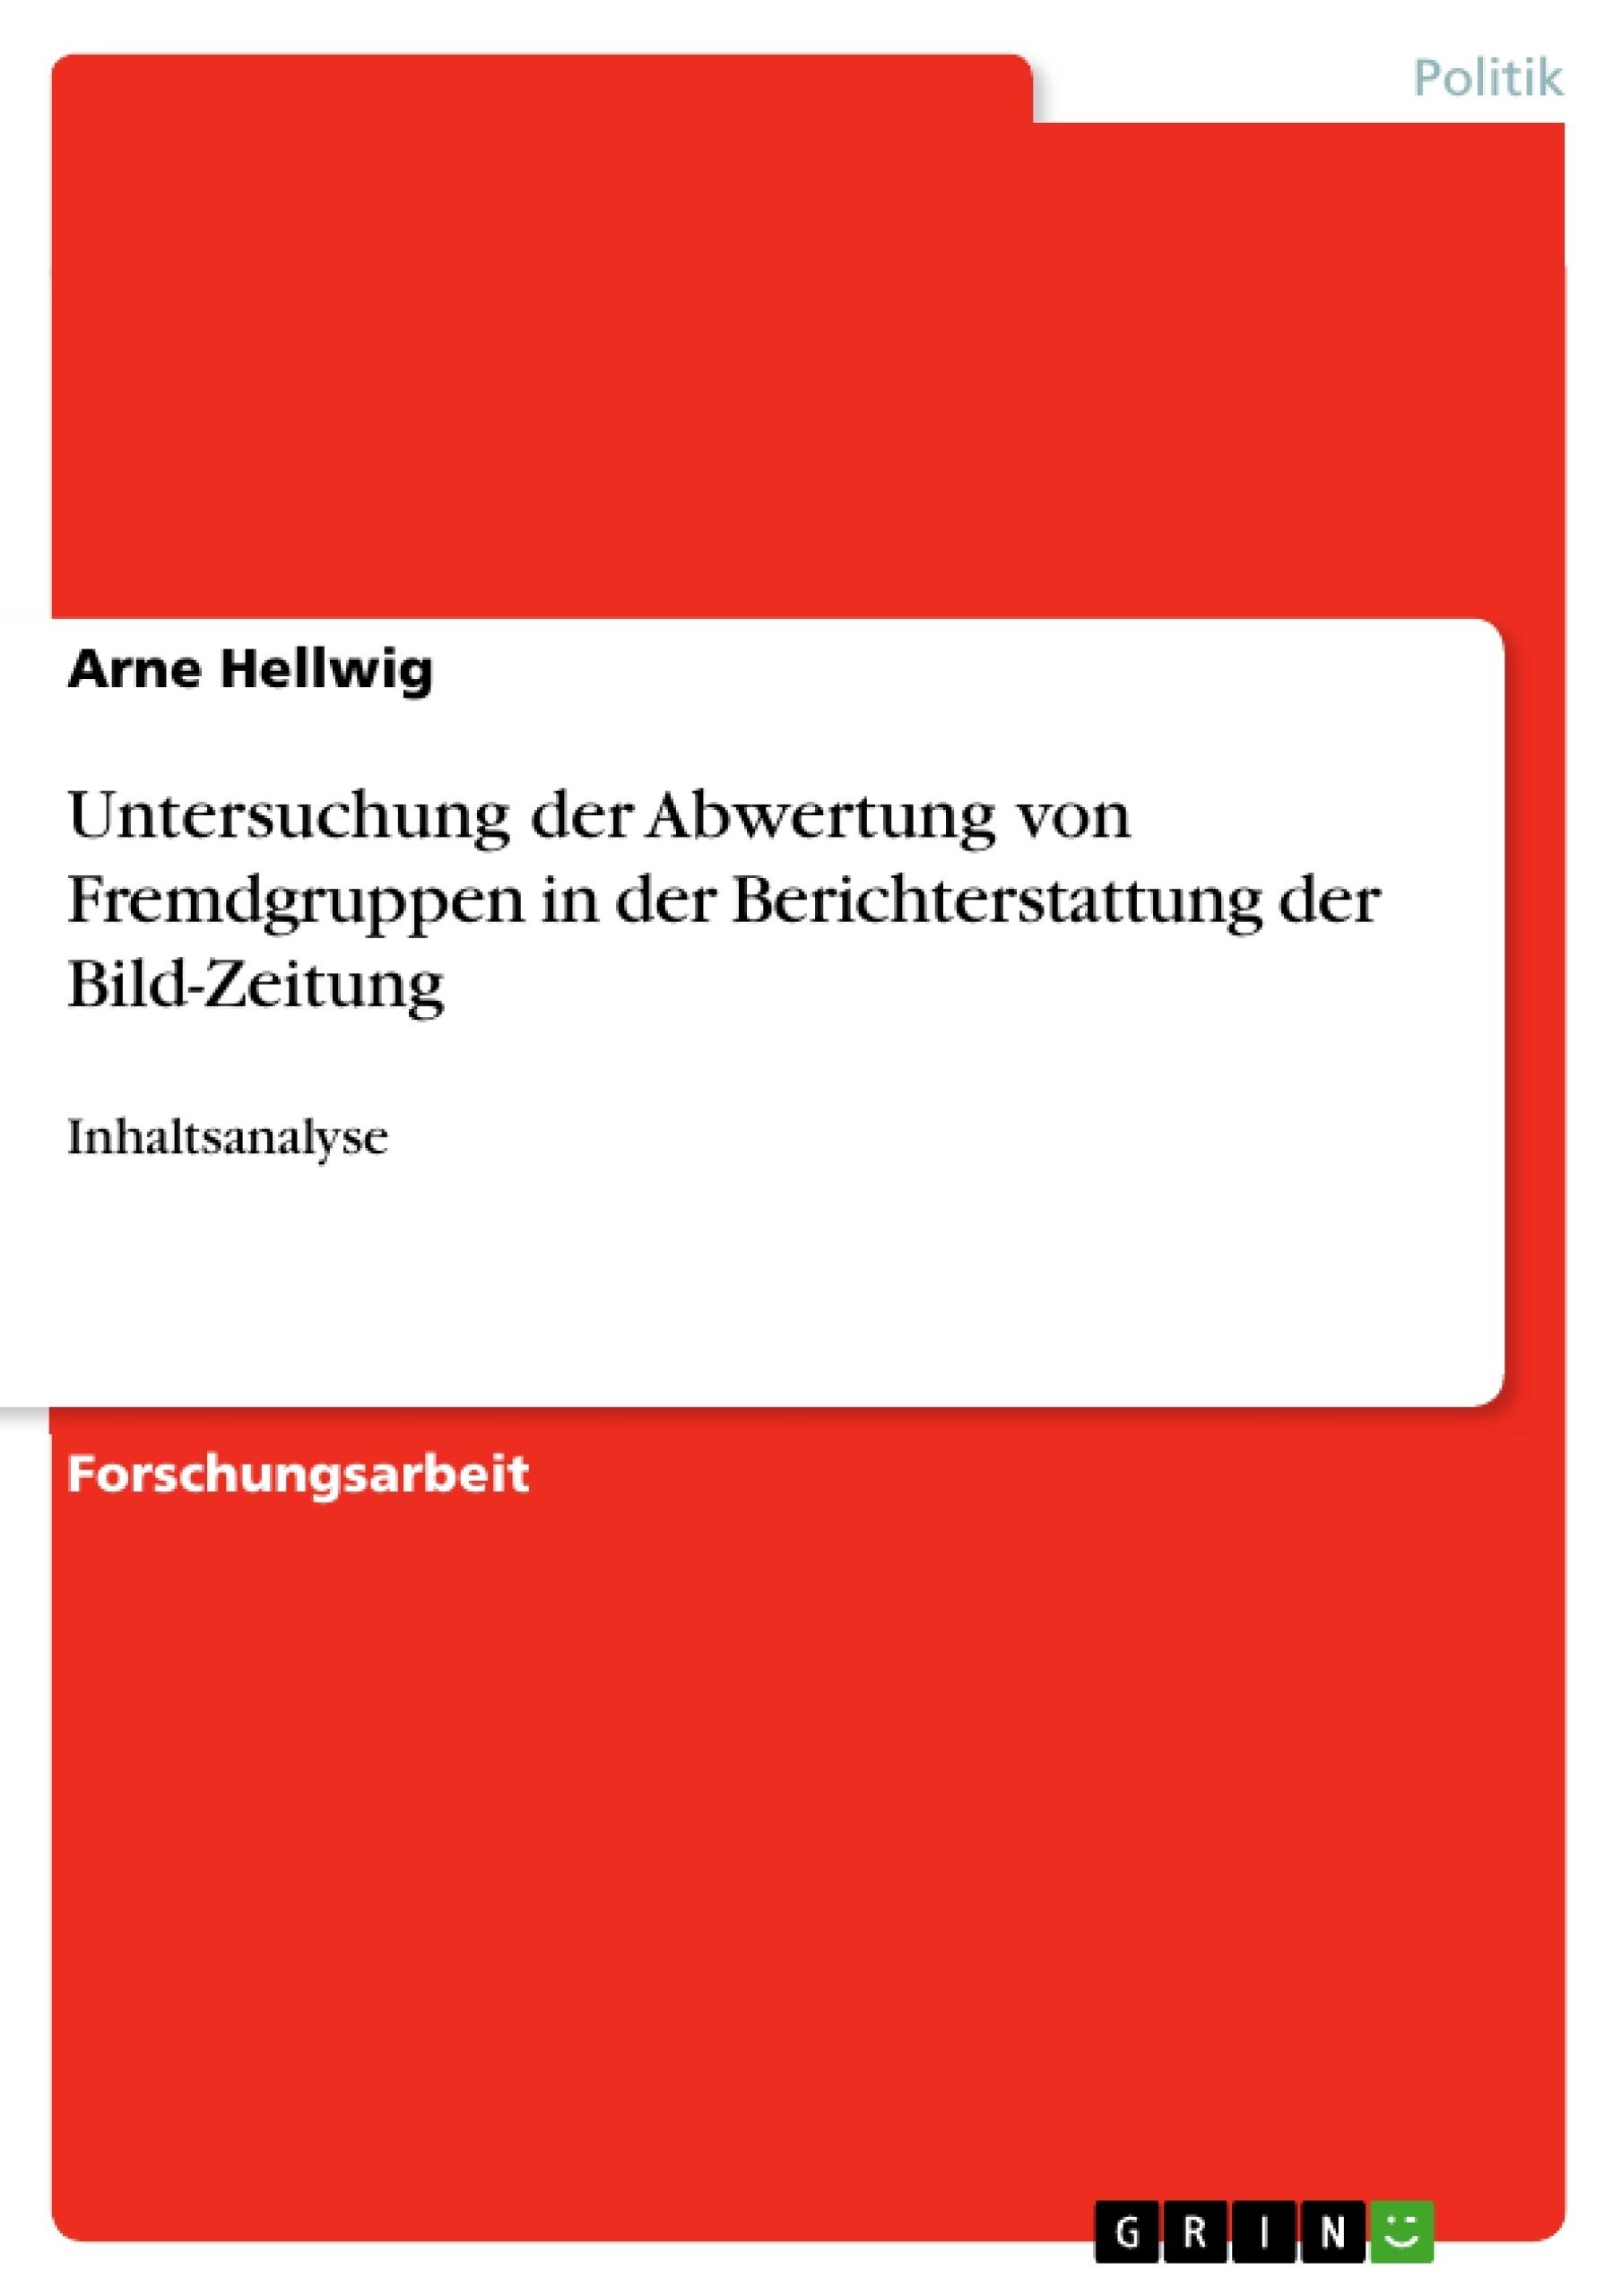 Titel: Untersuchung der Abwertung von Fremdgruppen in der Berichterstattung der Bild-Zeitung